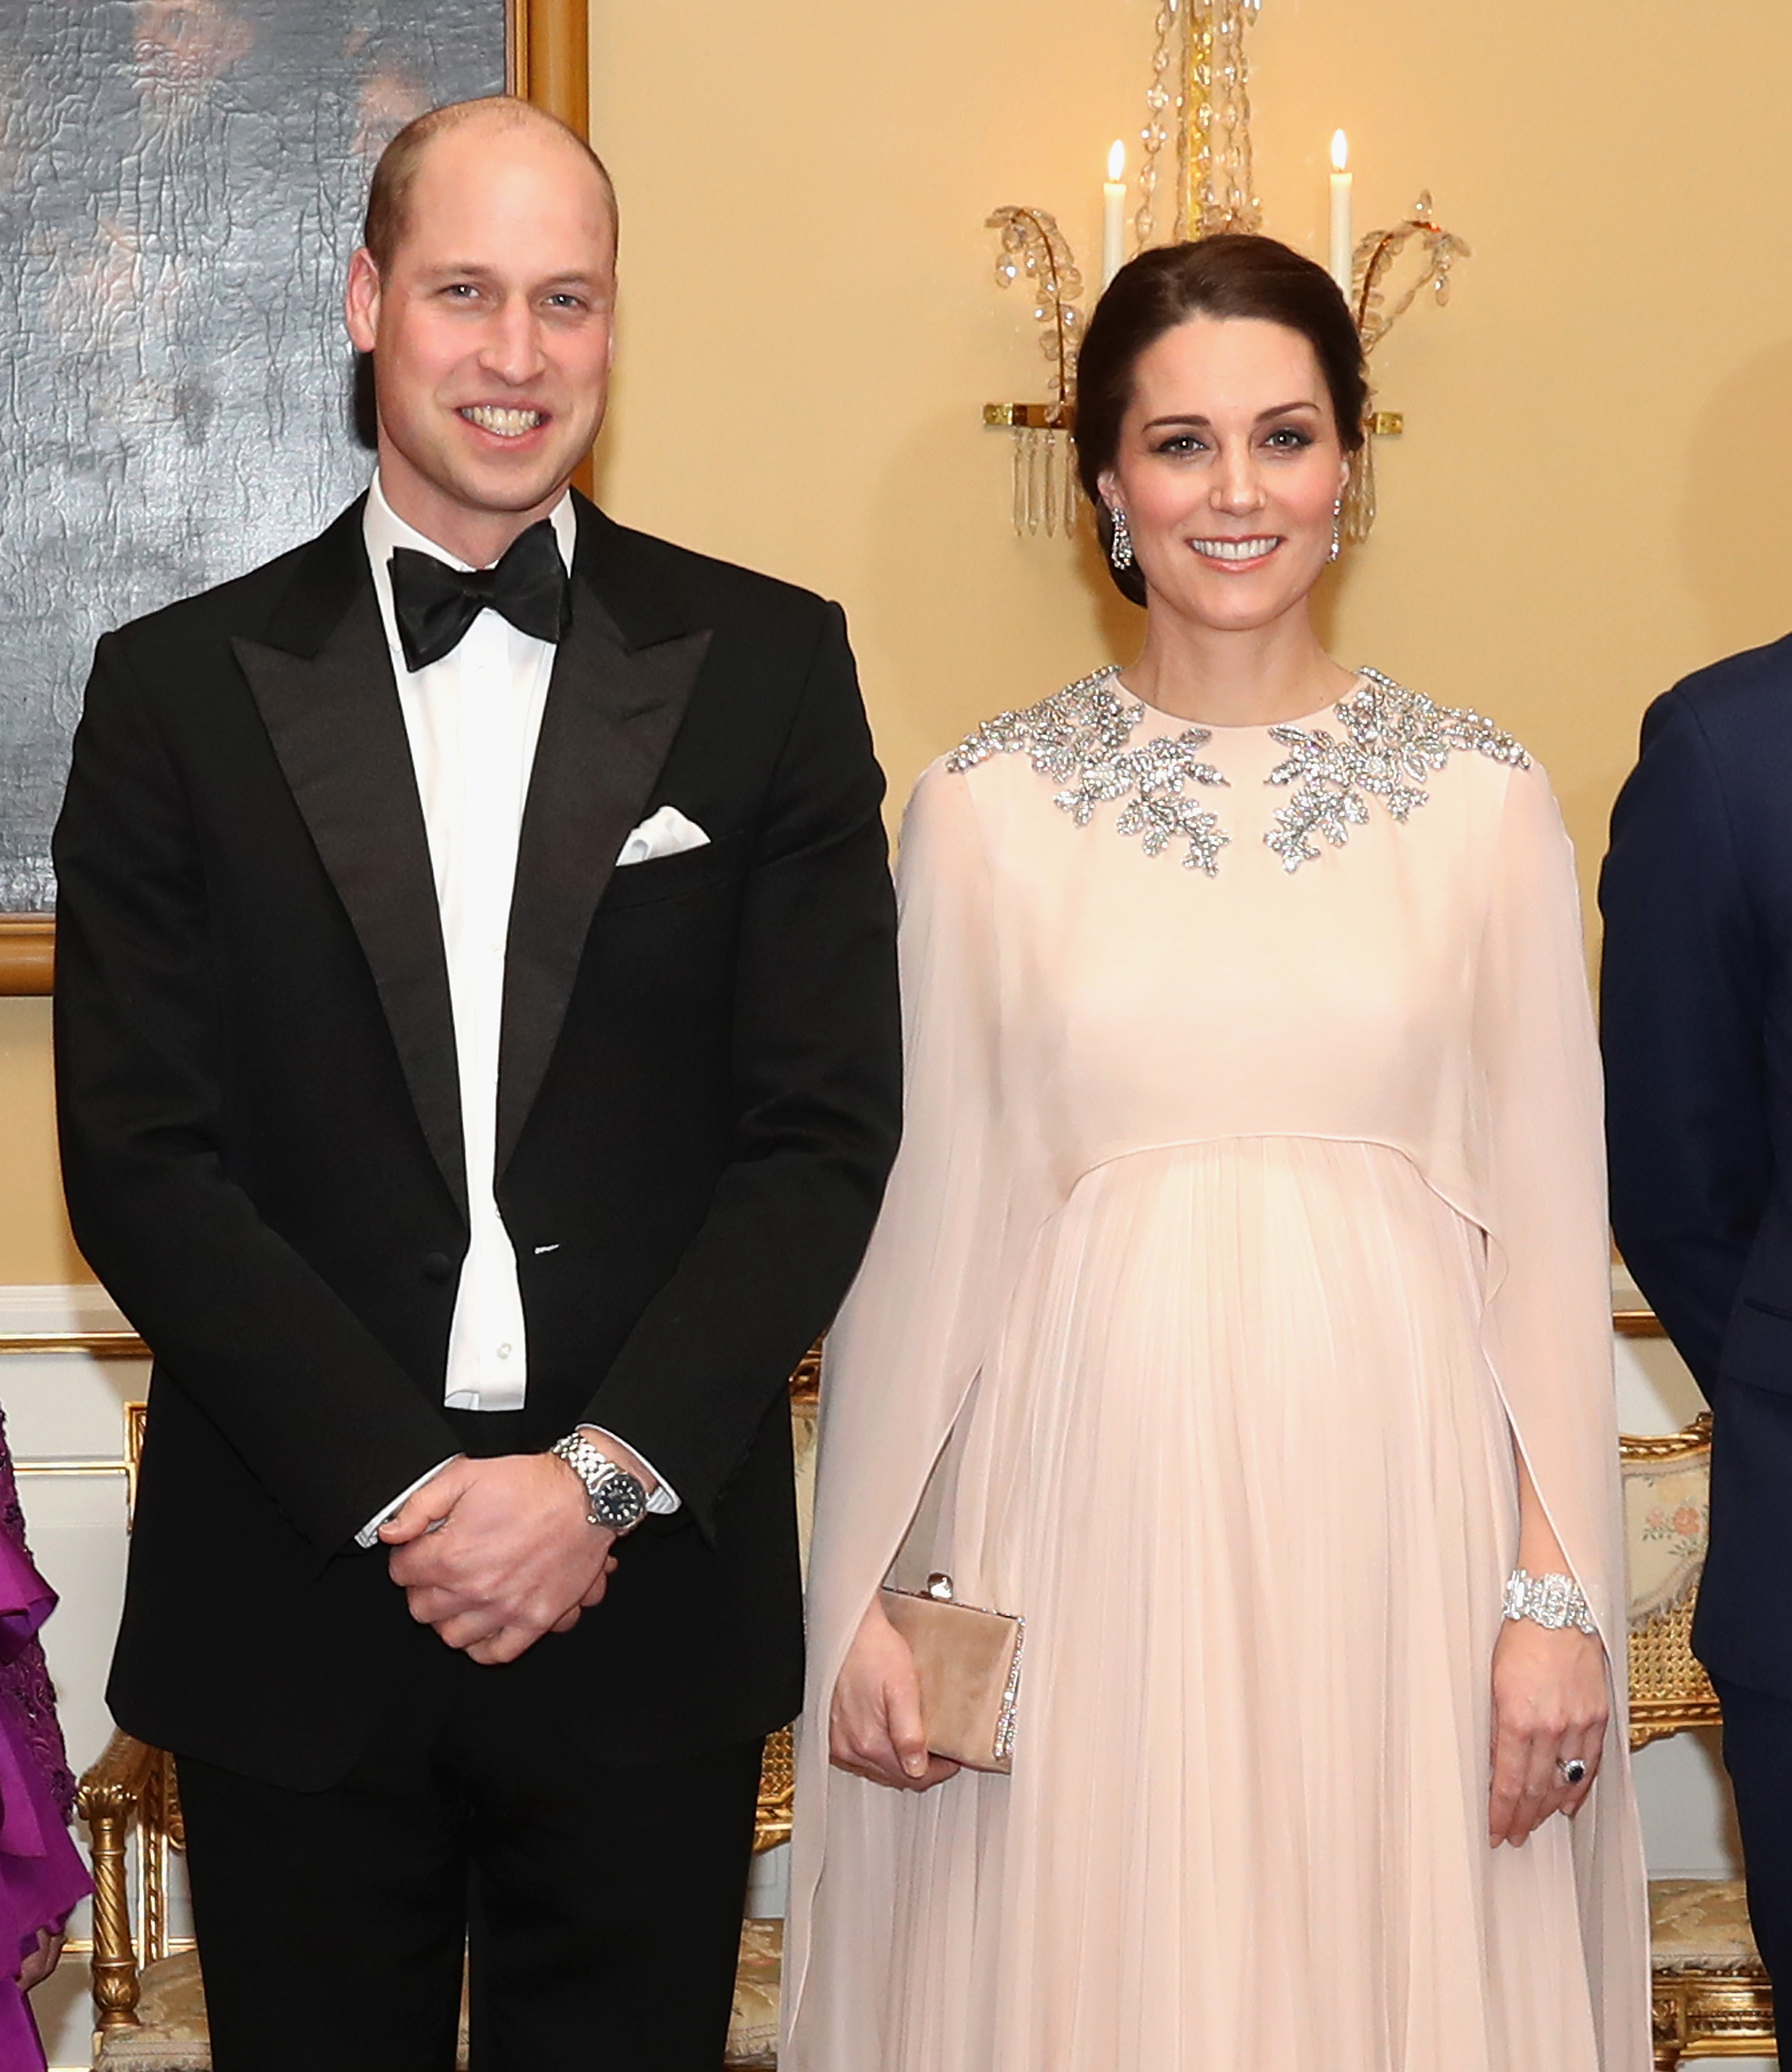 Други подчертават, че когато Кейт е бременна, тя винаги носи по-широки дрехи, които не подчертават толкова силно коремчето й.